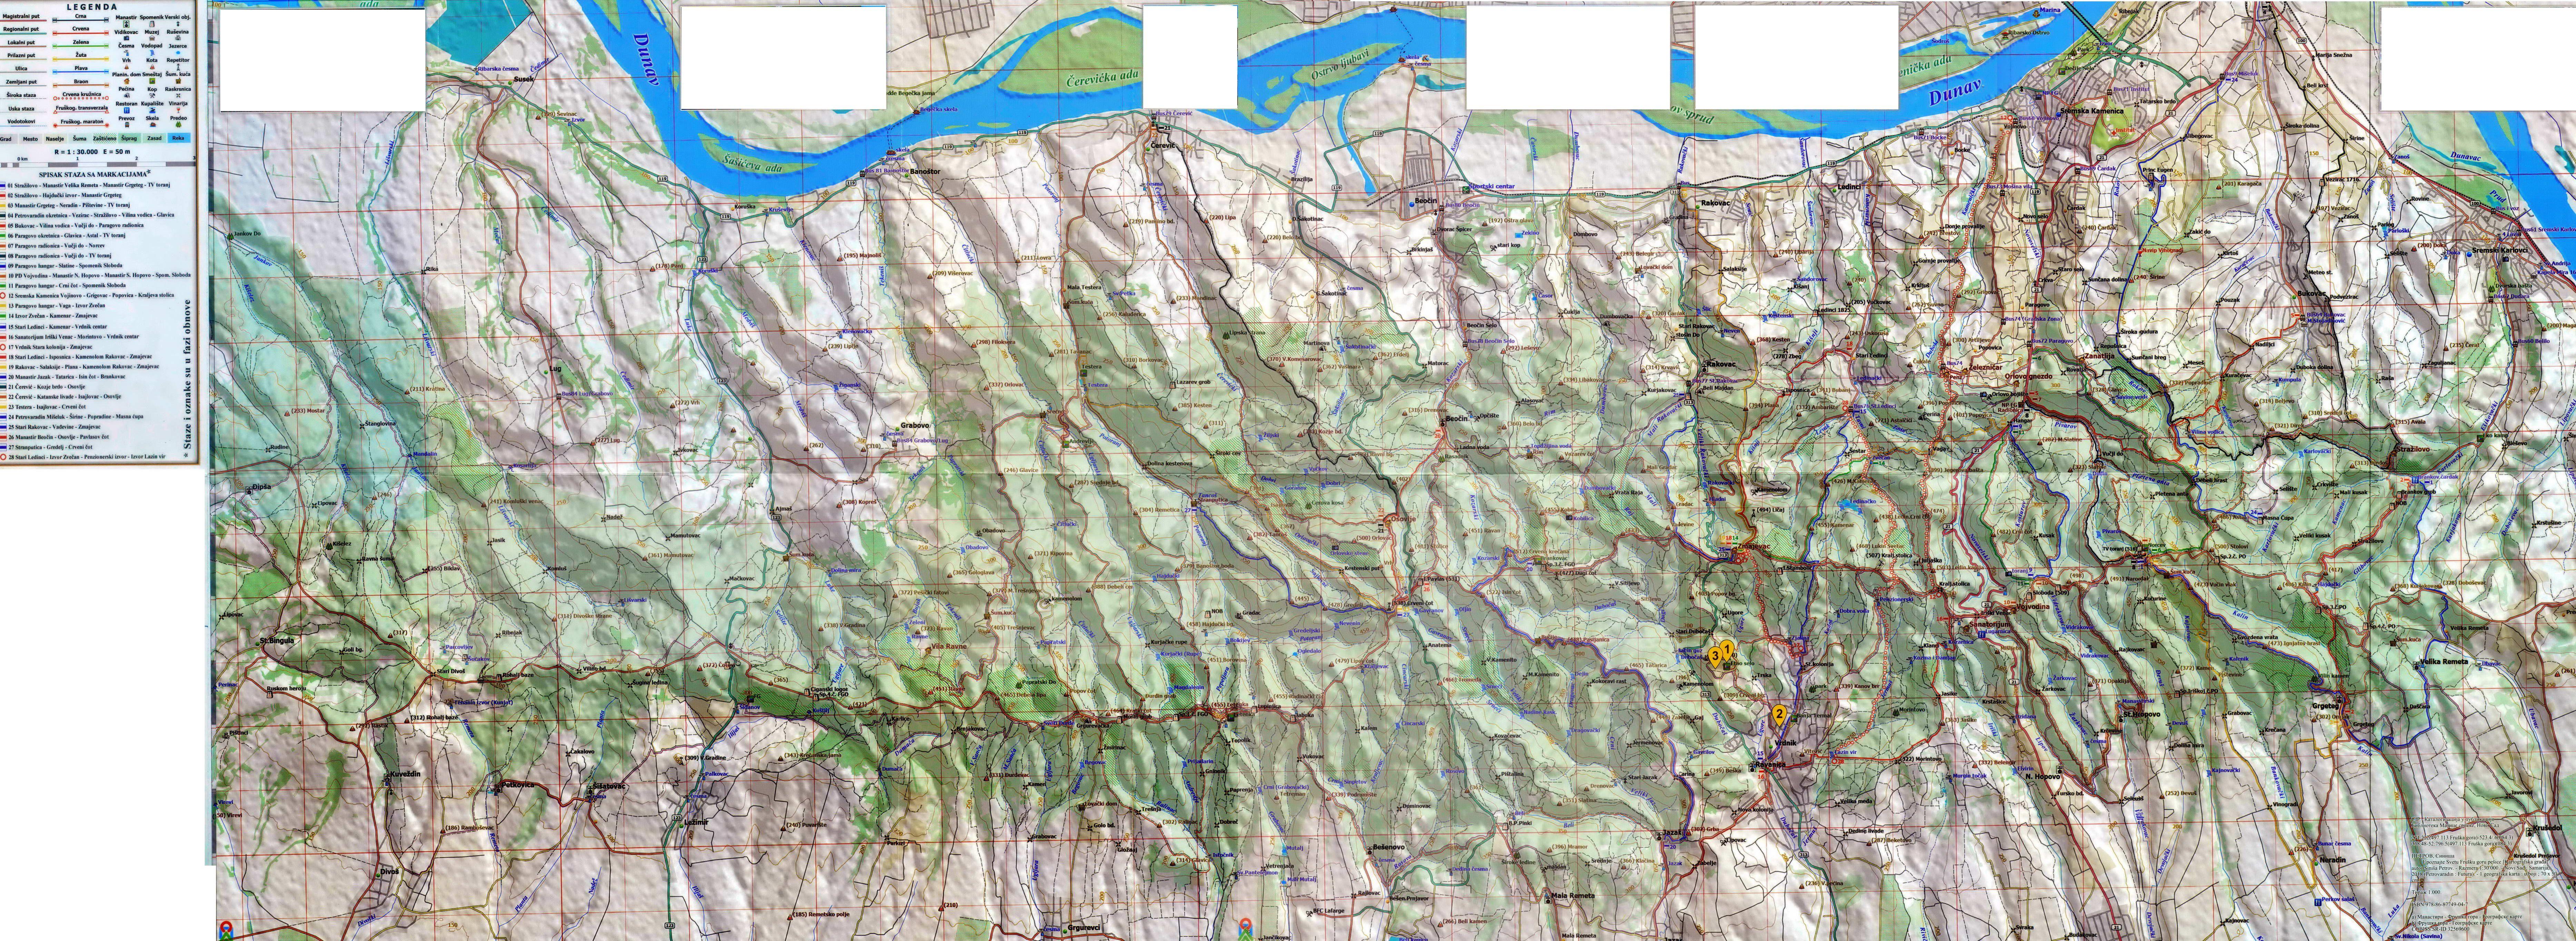 Fruska-gora-mapa-2019.jpg